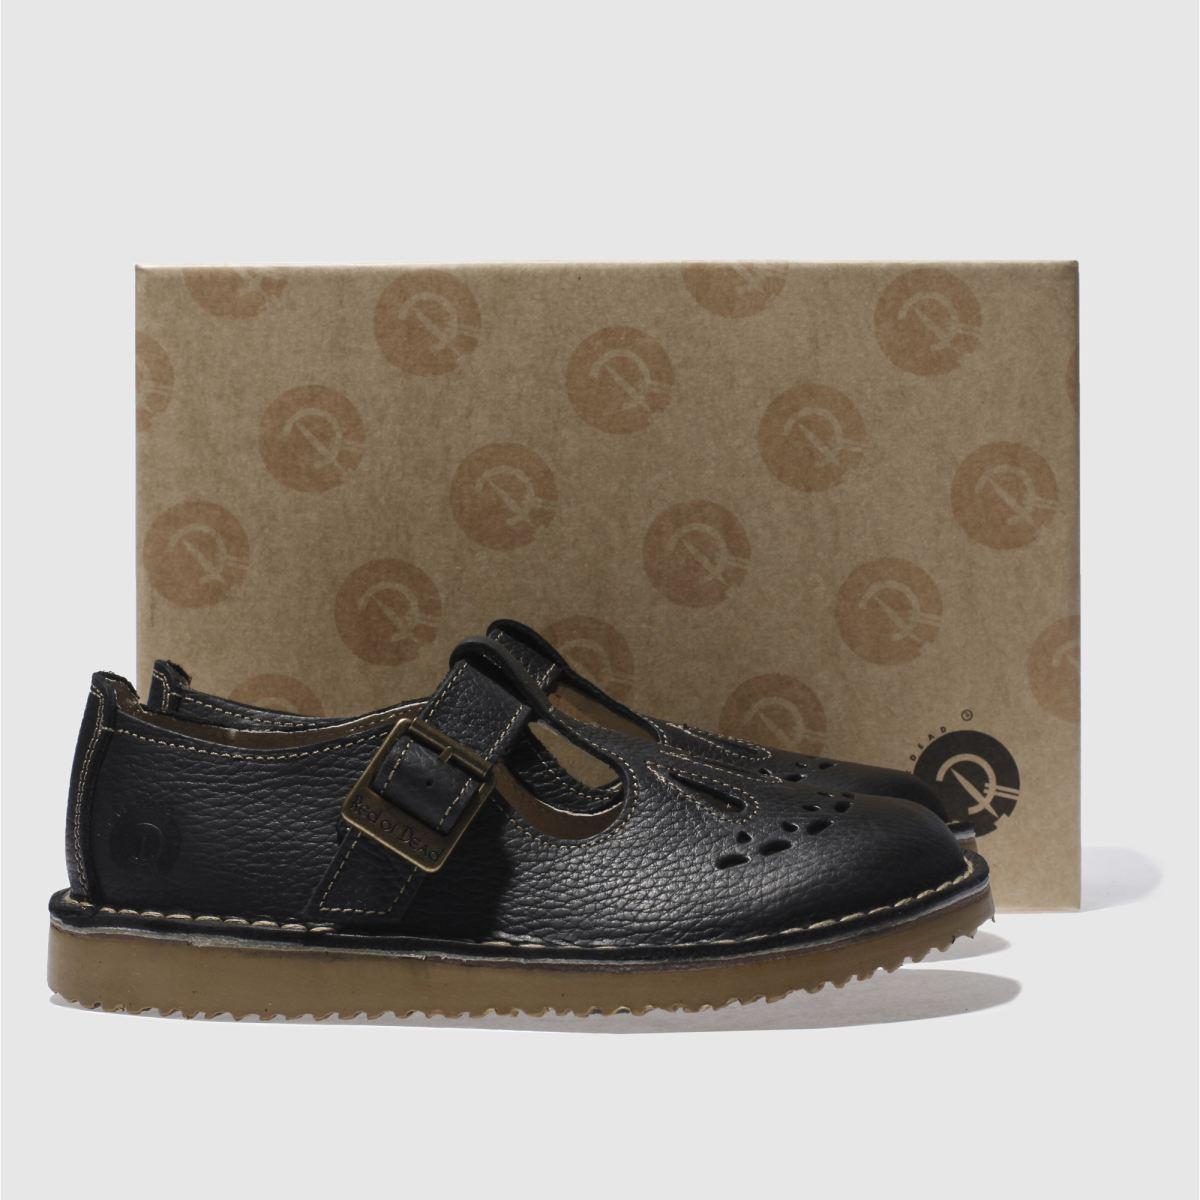 Damen Schwarz red Flats or dead Leather Jade Flats red | schuh Gute Qualität beliebte Schuhe d897c2